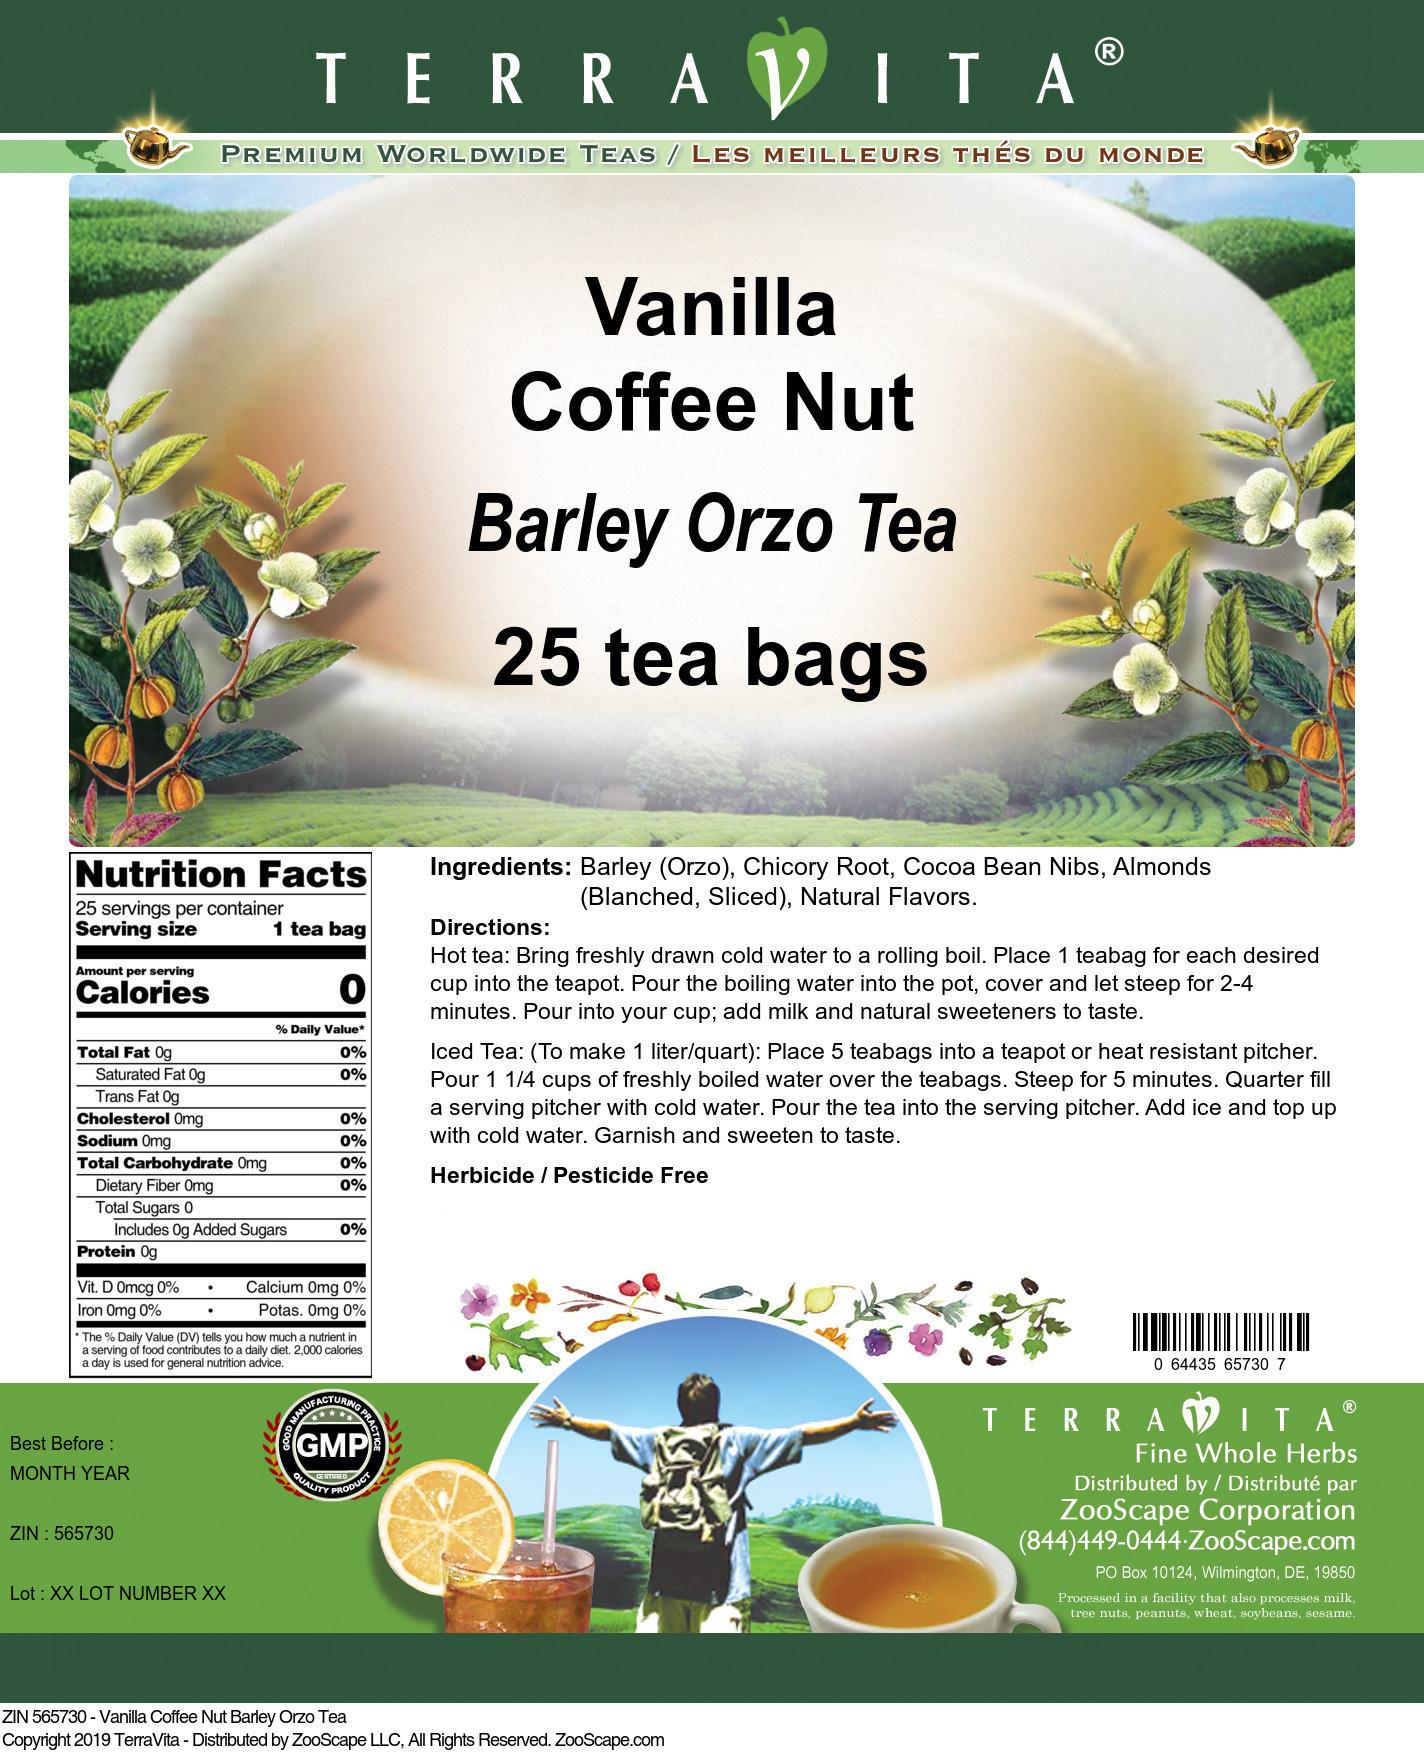 Vanilla Coffee Nut Barley Orzo Tea